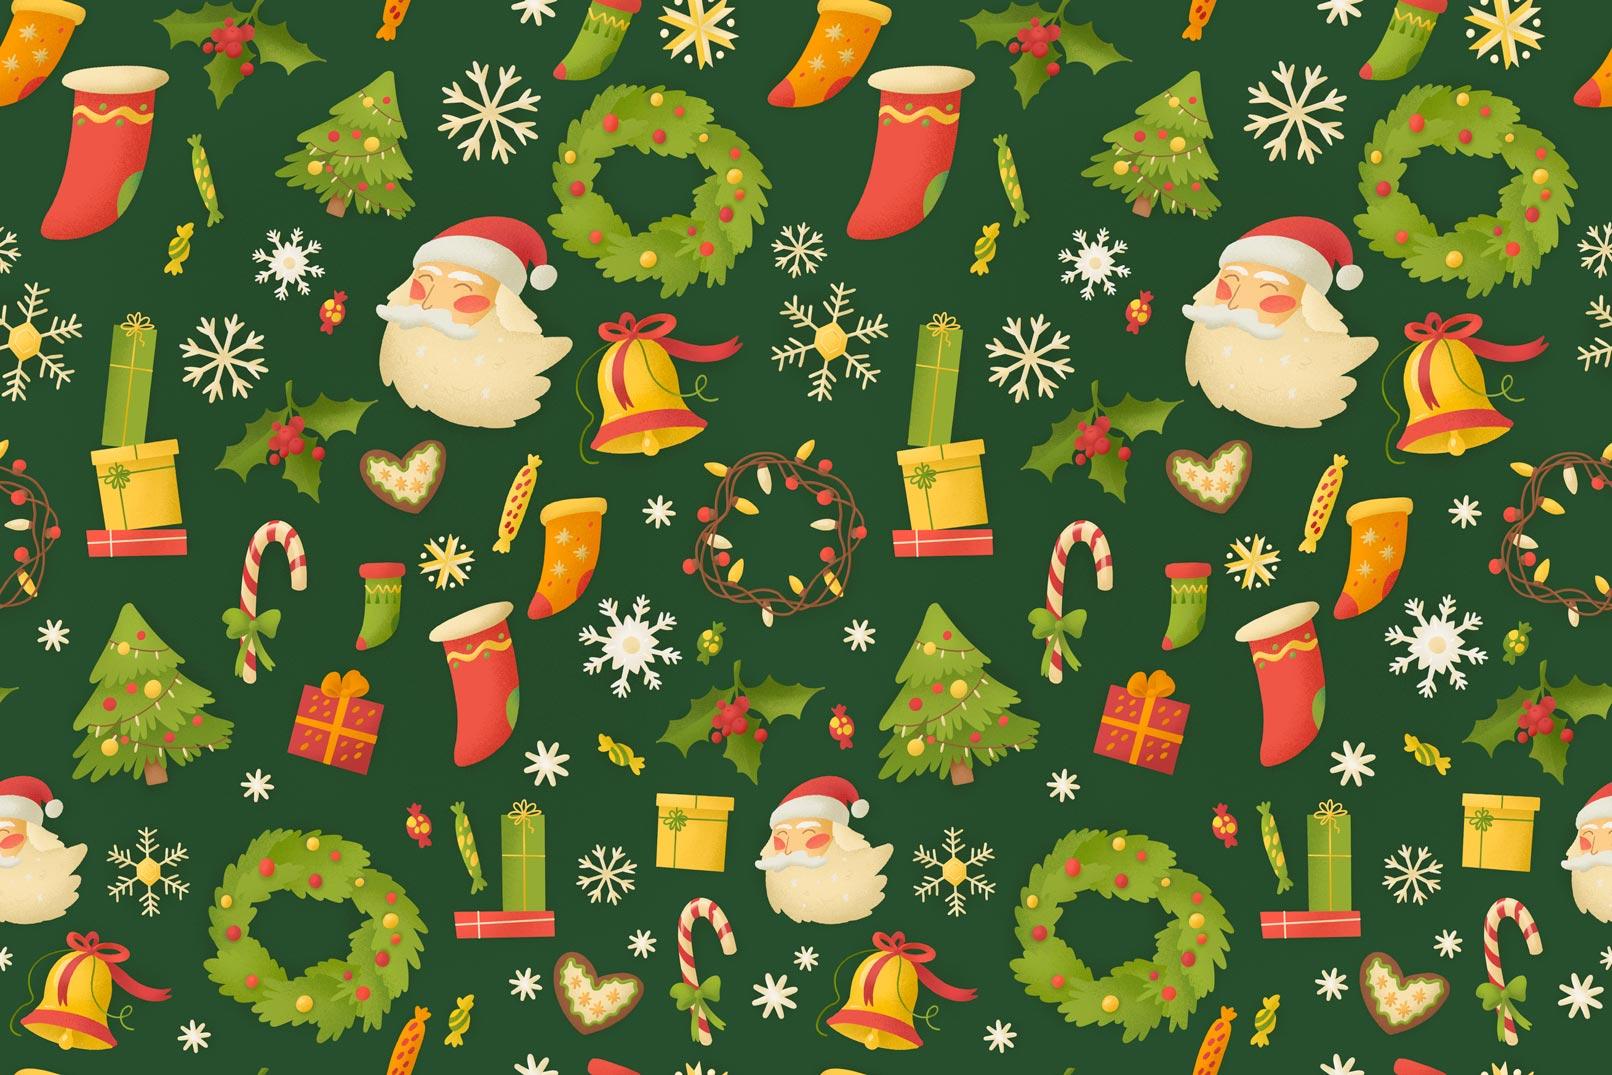 Weihnachtliche Muster und Illustrationen: Weihnachtsgrafiken vor grünem Hintergrund